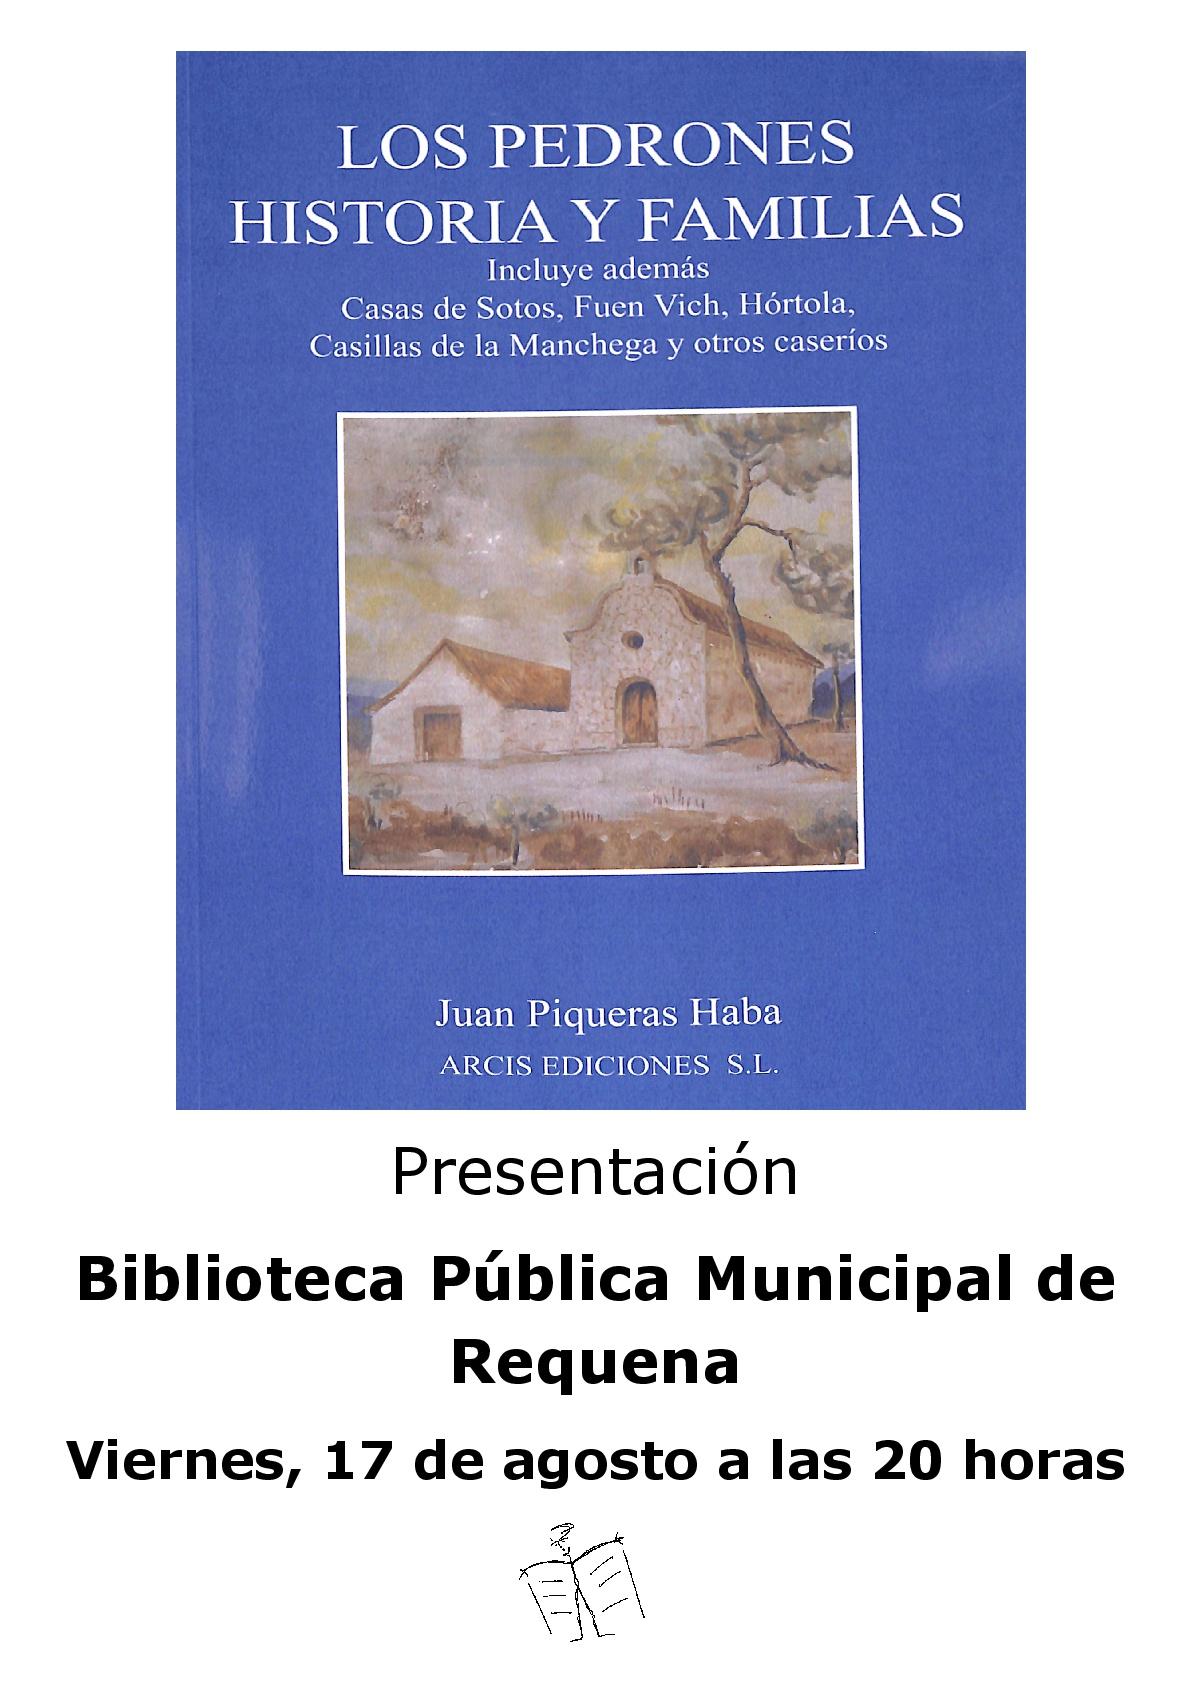 En esta ocasión aborda las historia de las familias de Los Pedrones.